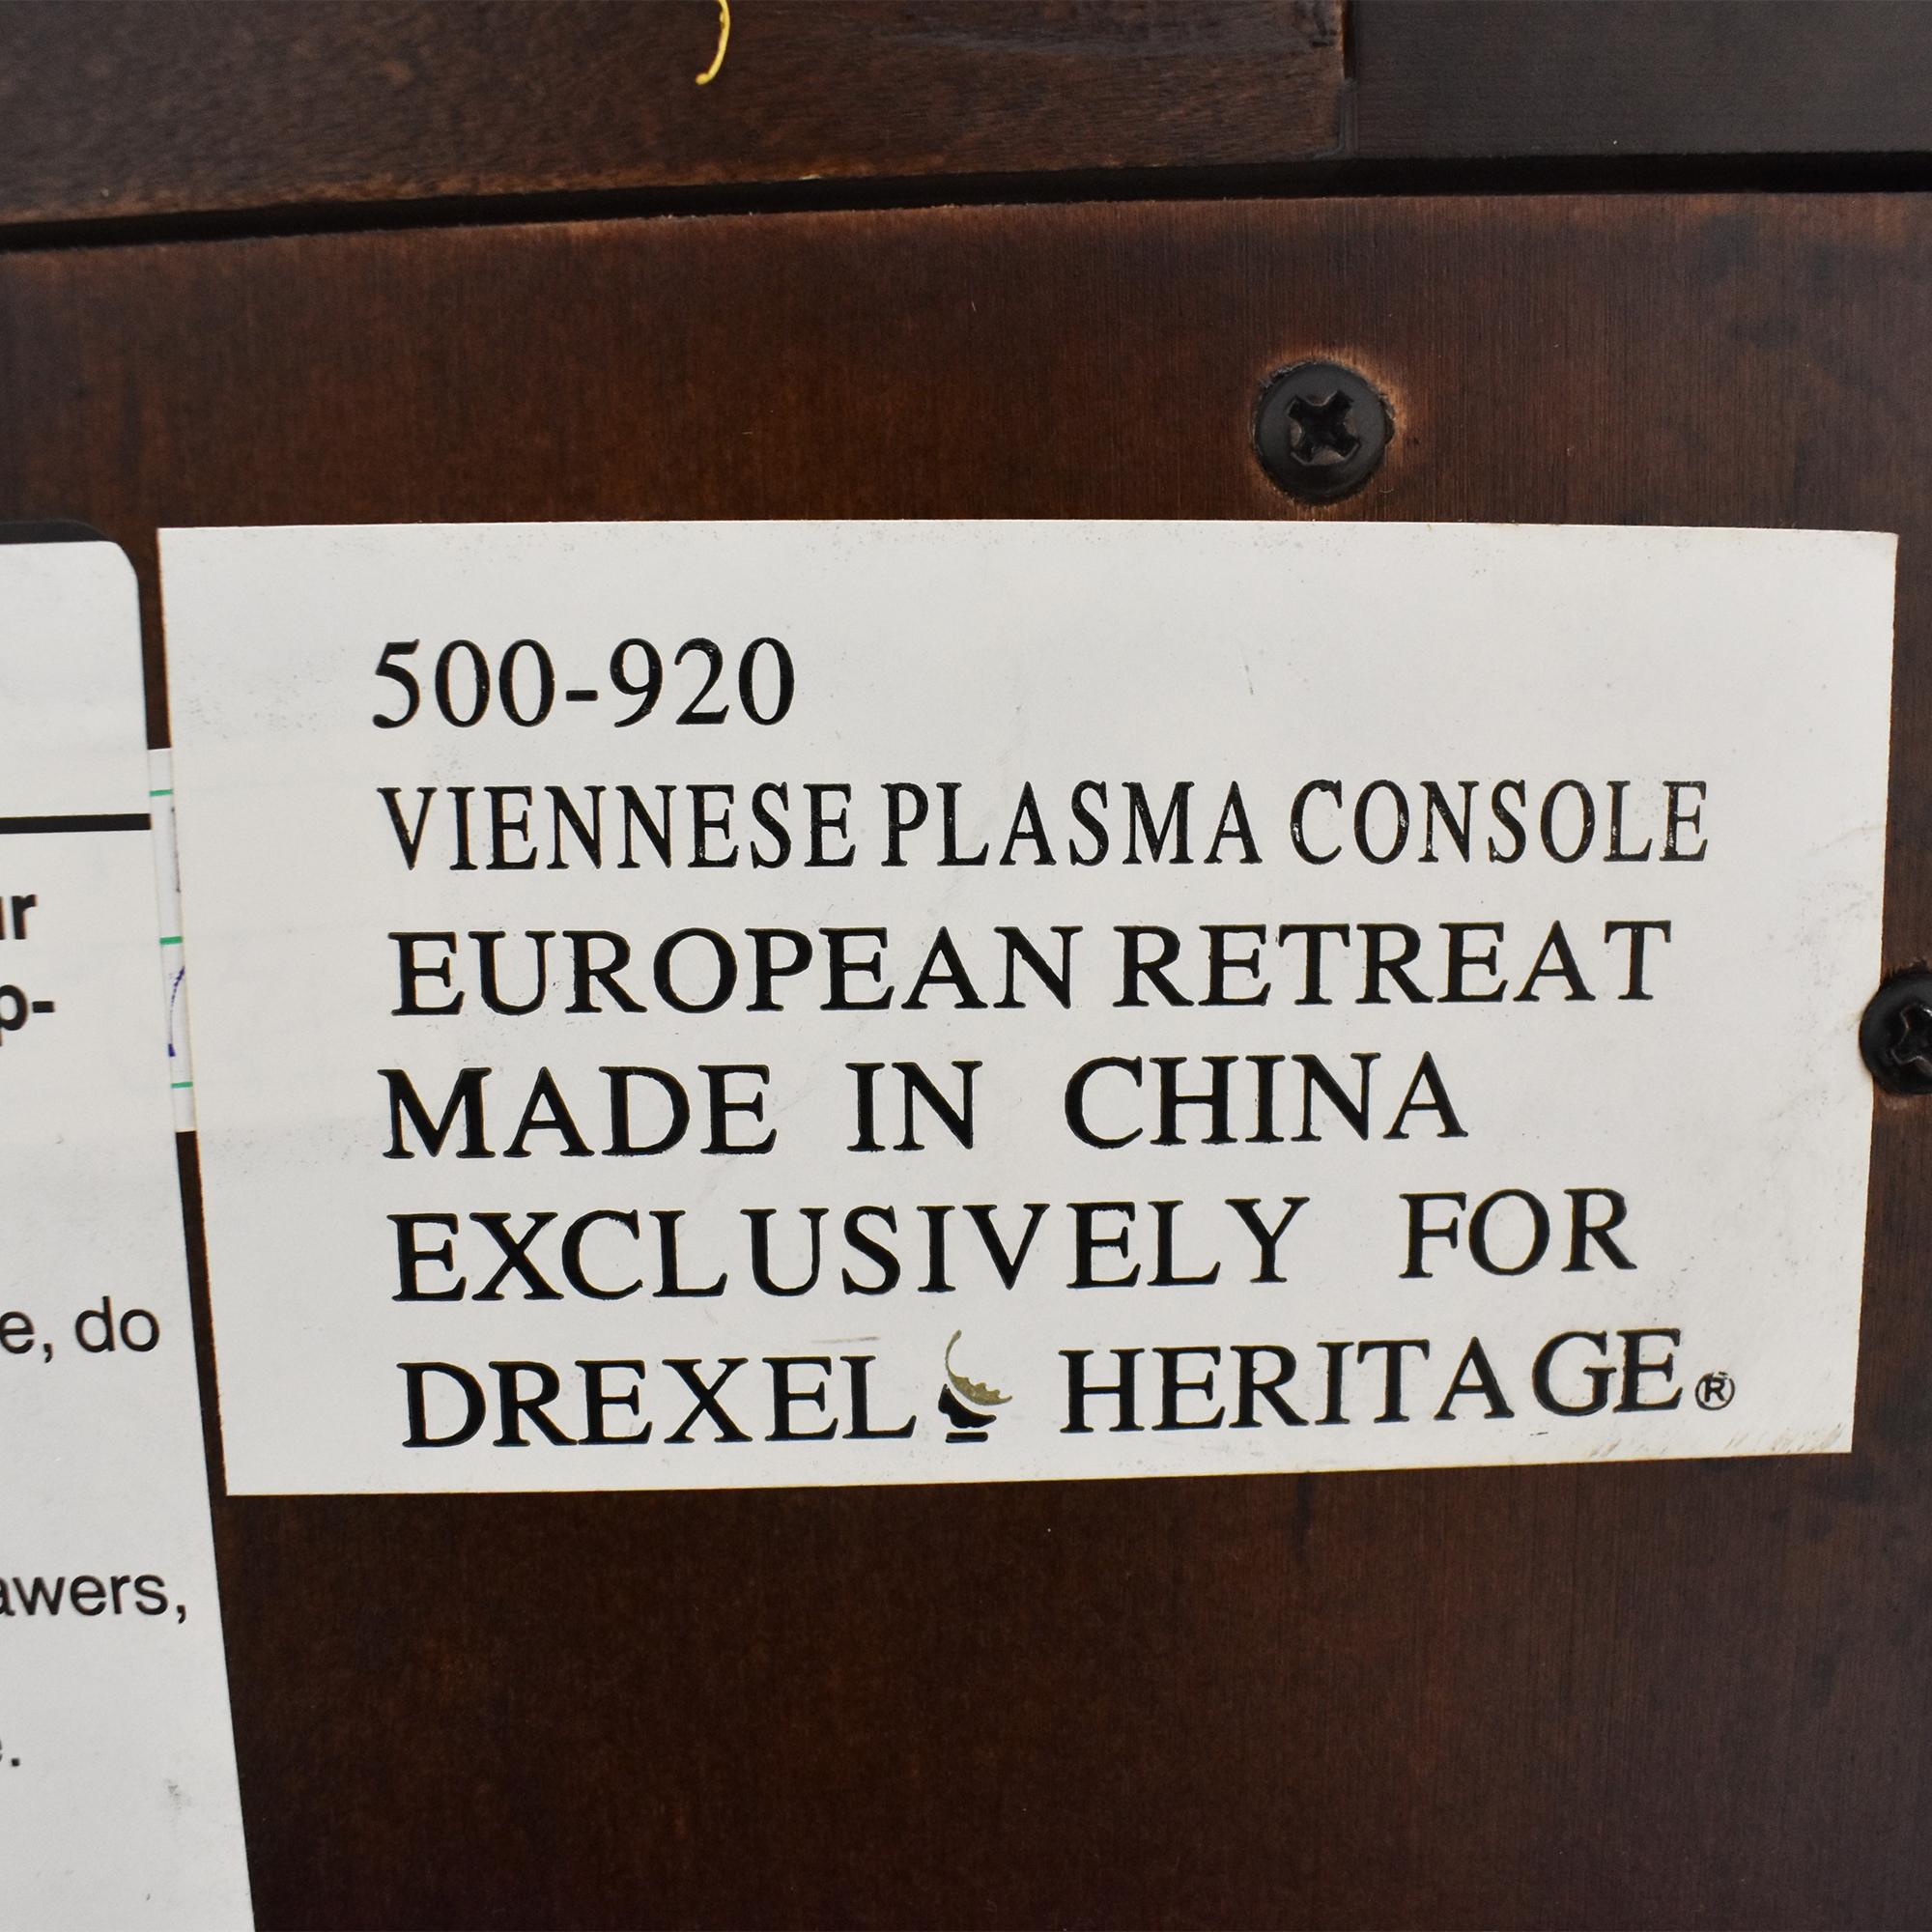 Drexel Heritage Media Console sale